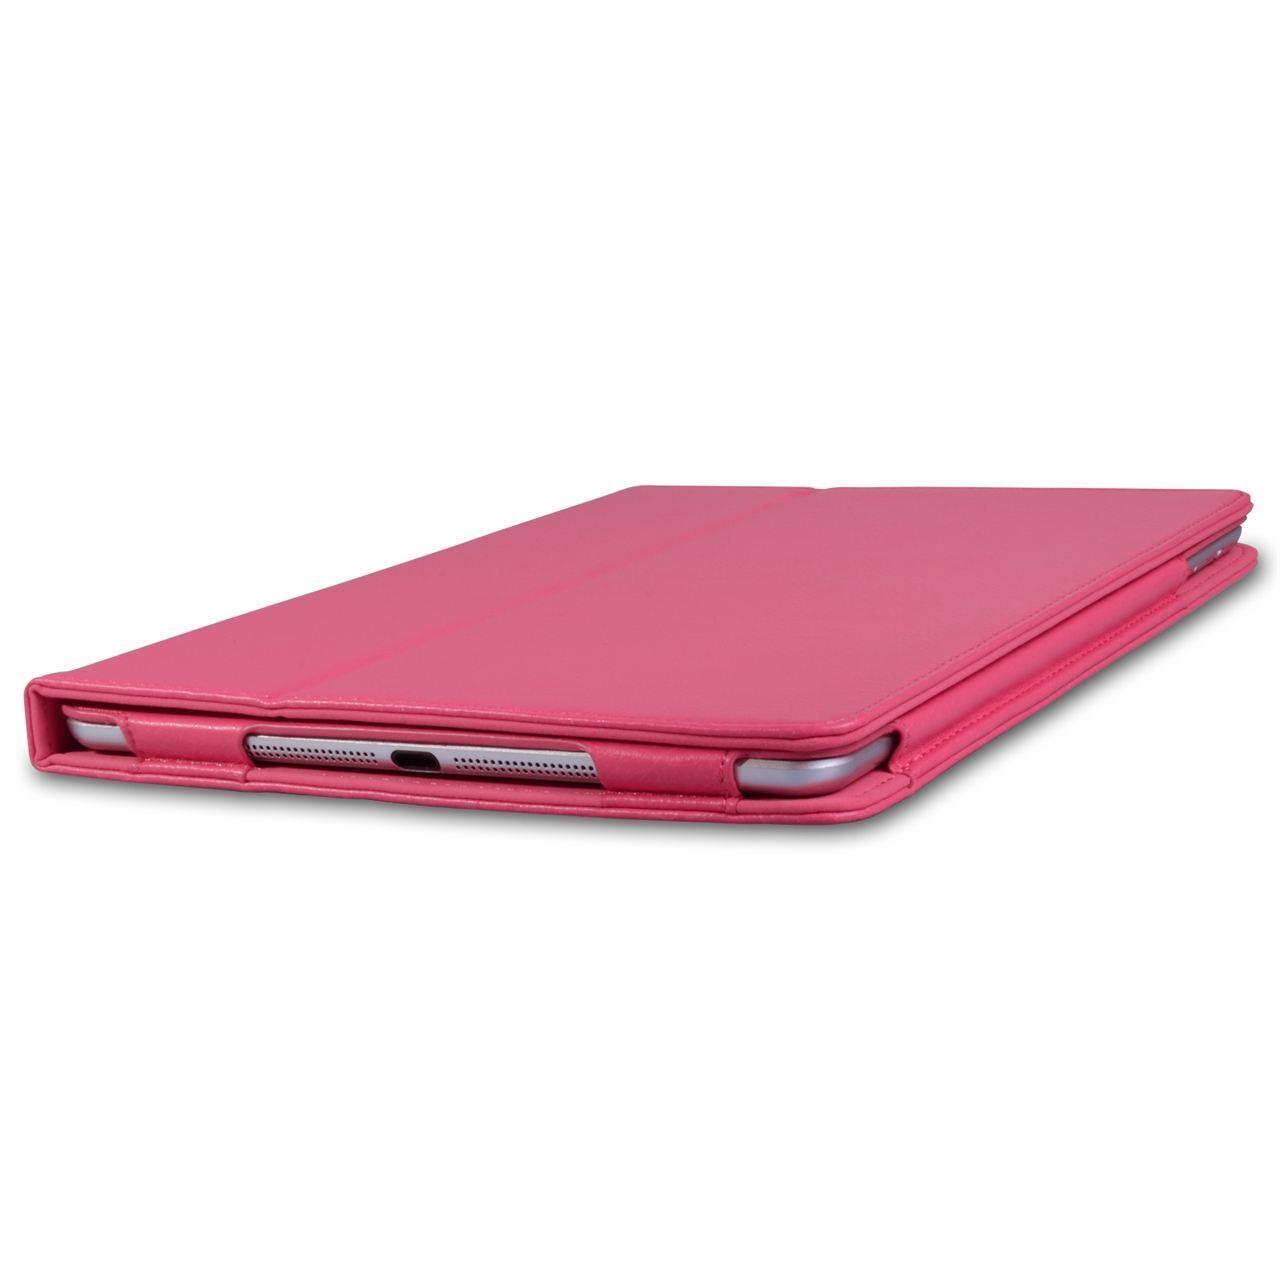 Capa de Ipad 6 Apple 2018 6º geração A1893 A1954 Magnética de Couro Sintético Rosa (Disponibilidade: 5 dias úteis)